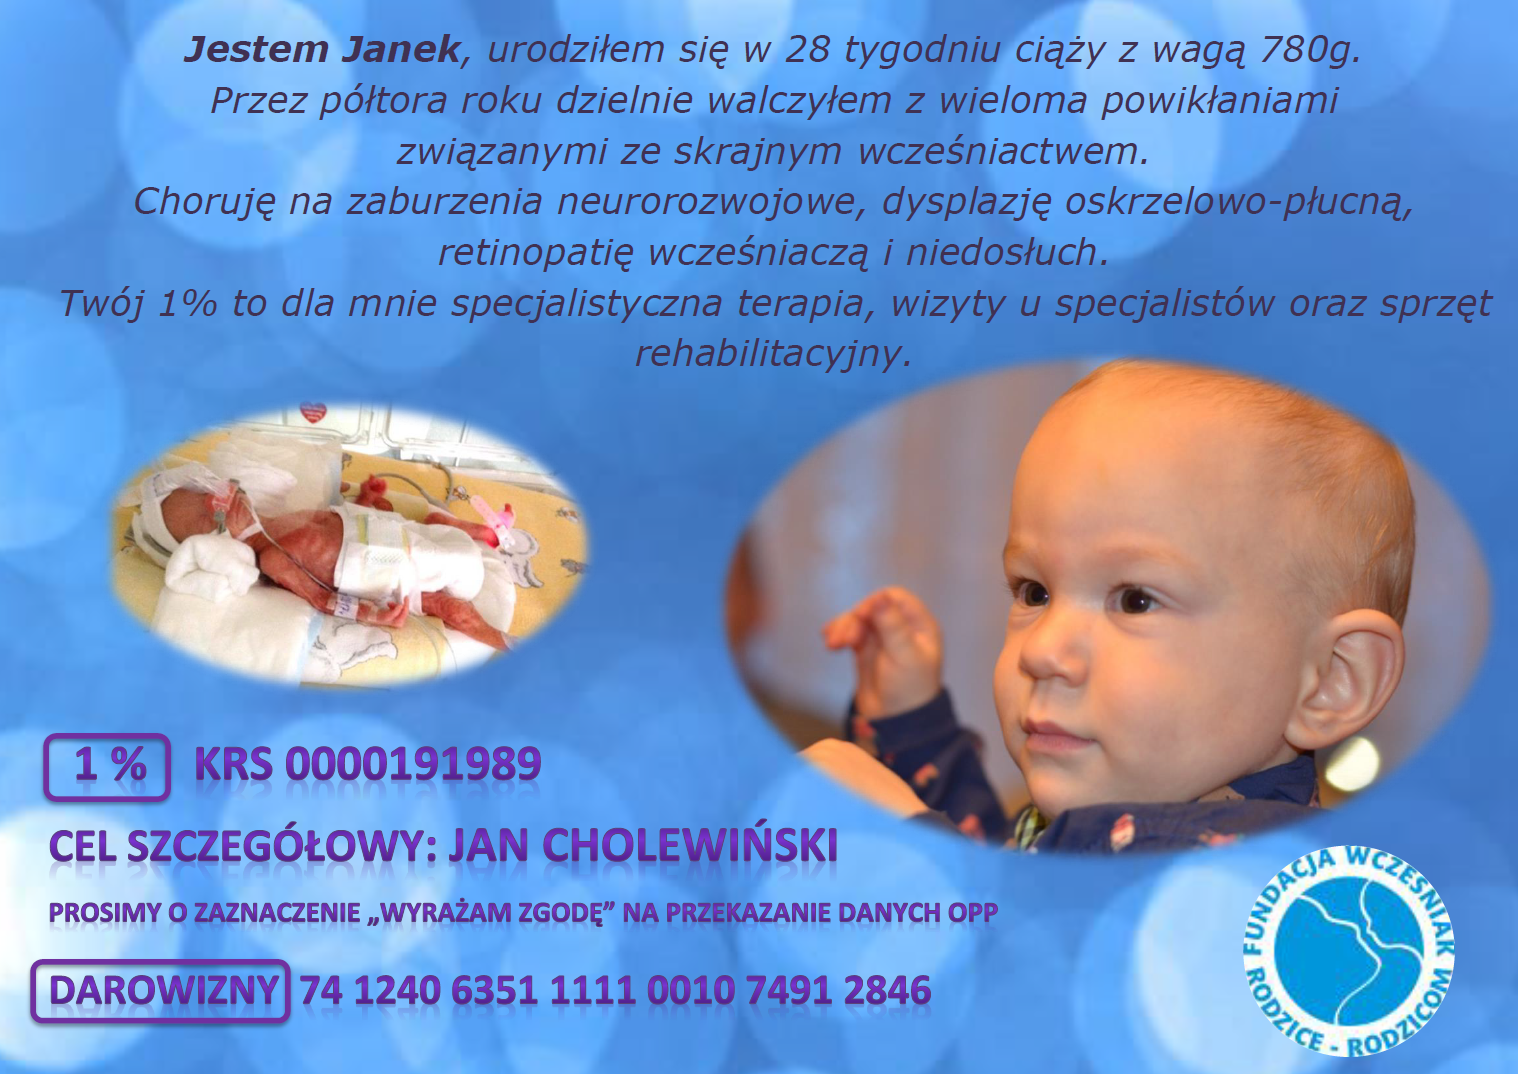 Jan Cholewiński